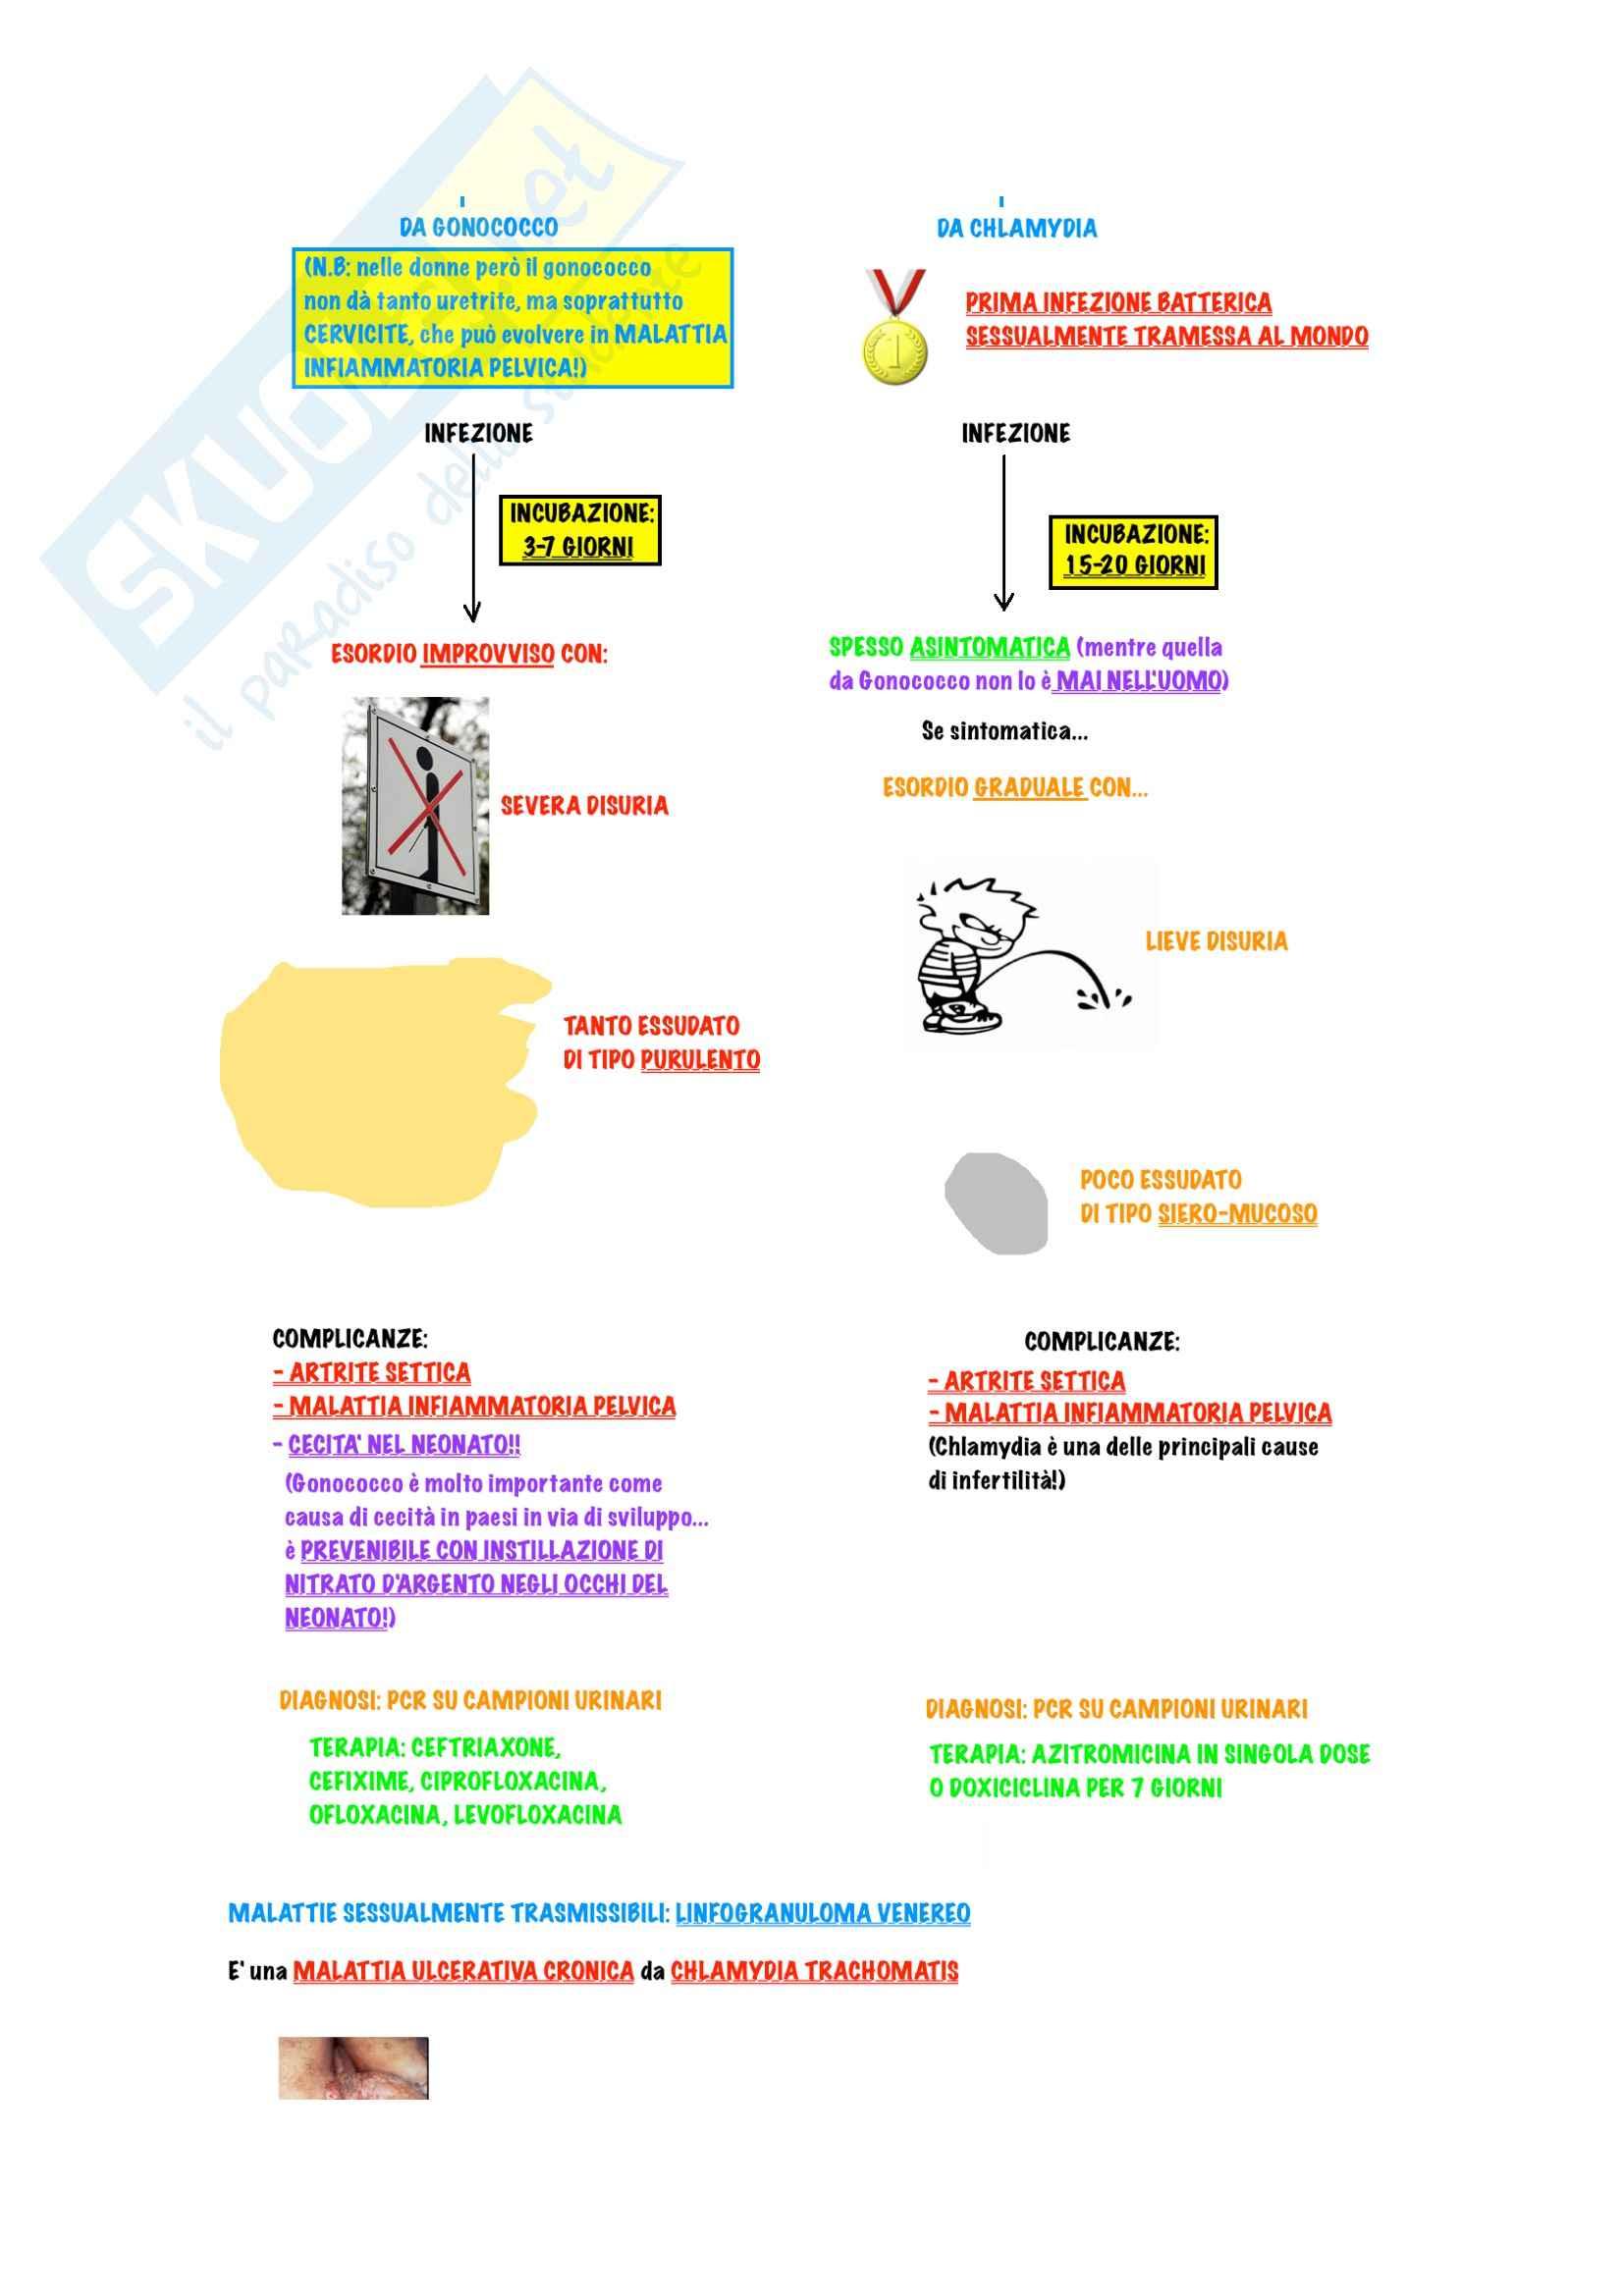 Dermatologia - malattie sessualmente trasmissibili Pag. 6